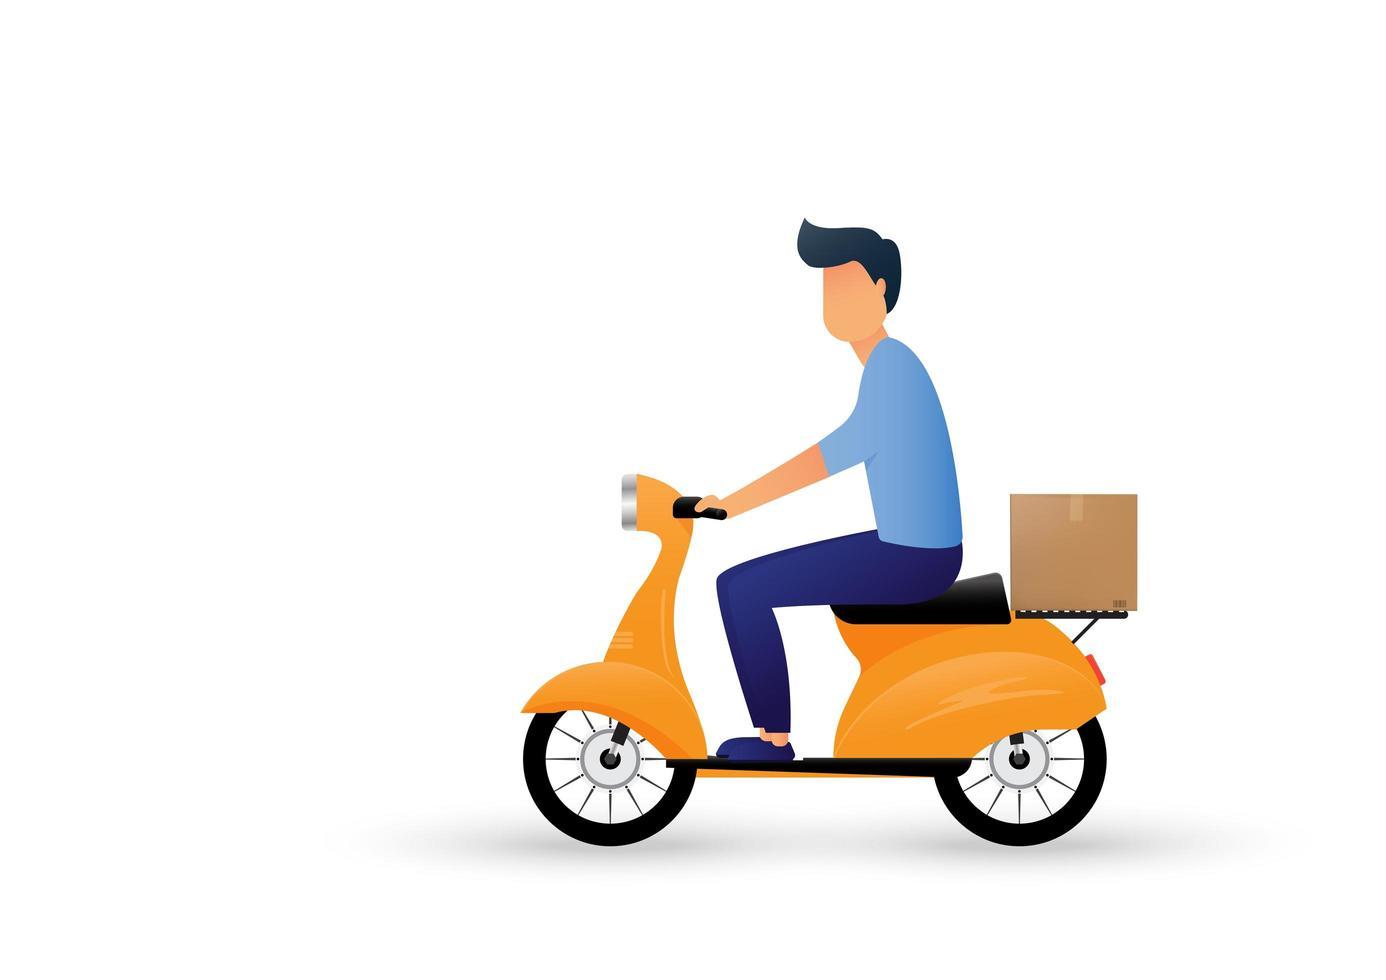 bezorger rijden op een motorfiets cartoon. express levering. vector